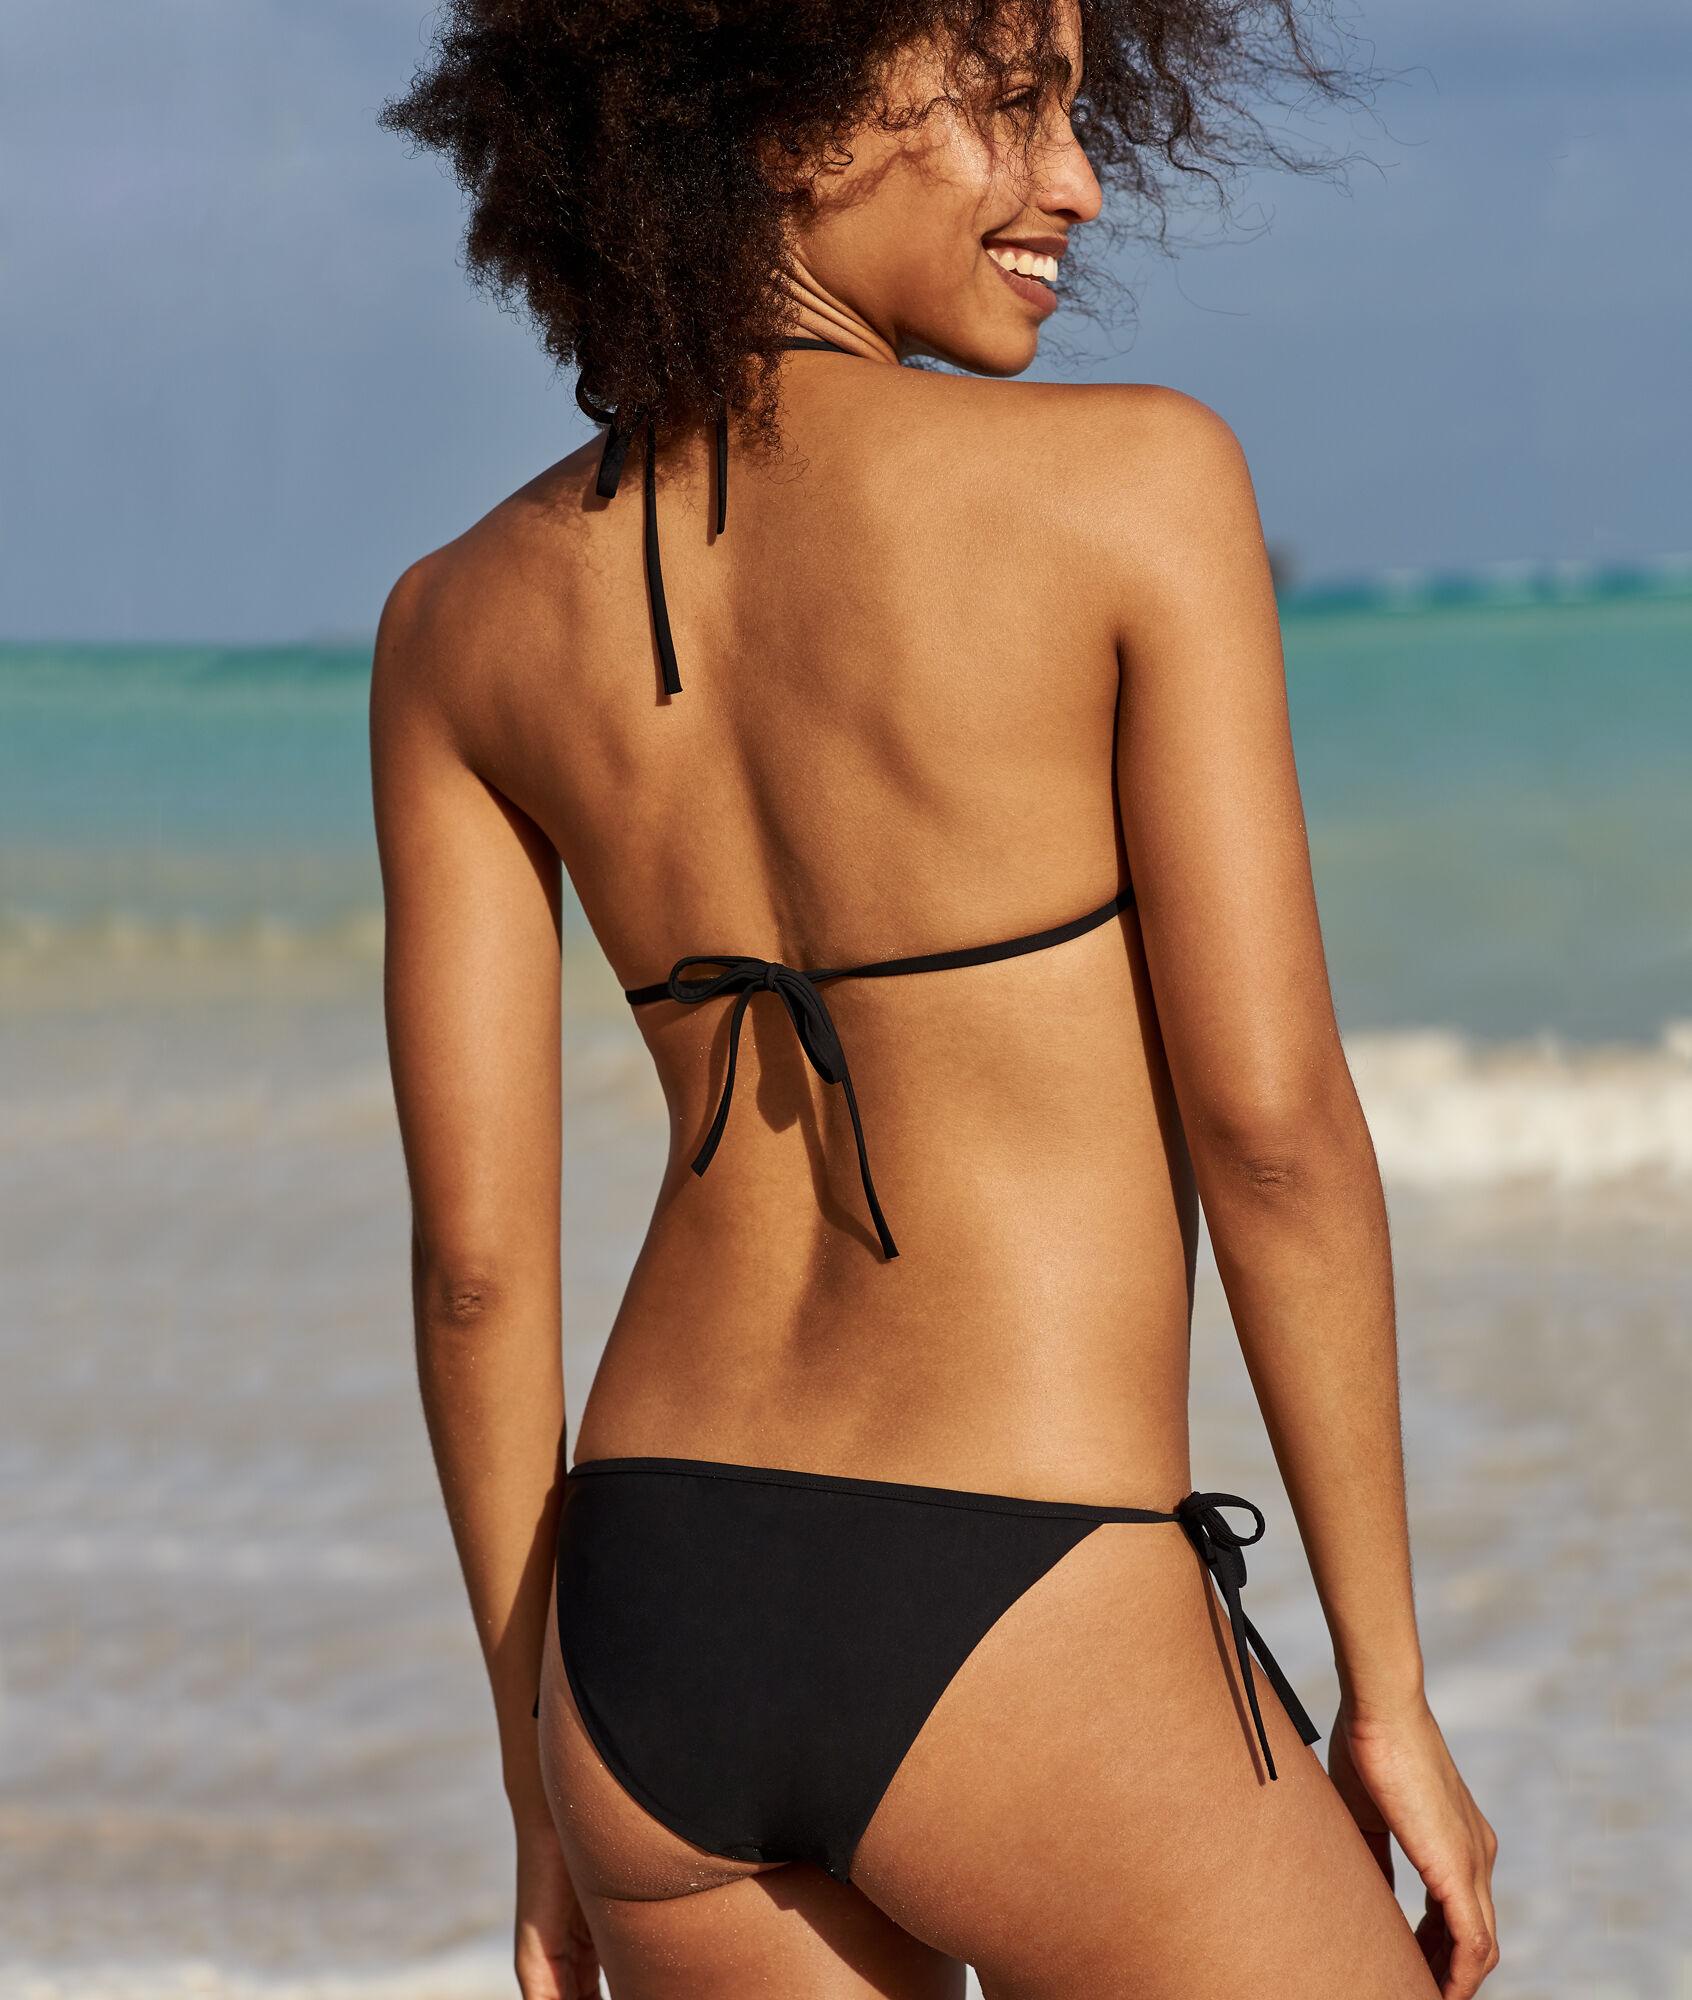 aa5c4b018696 Bas de bikini à nouer - MALAGA - NOIR - Etam